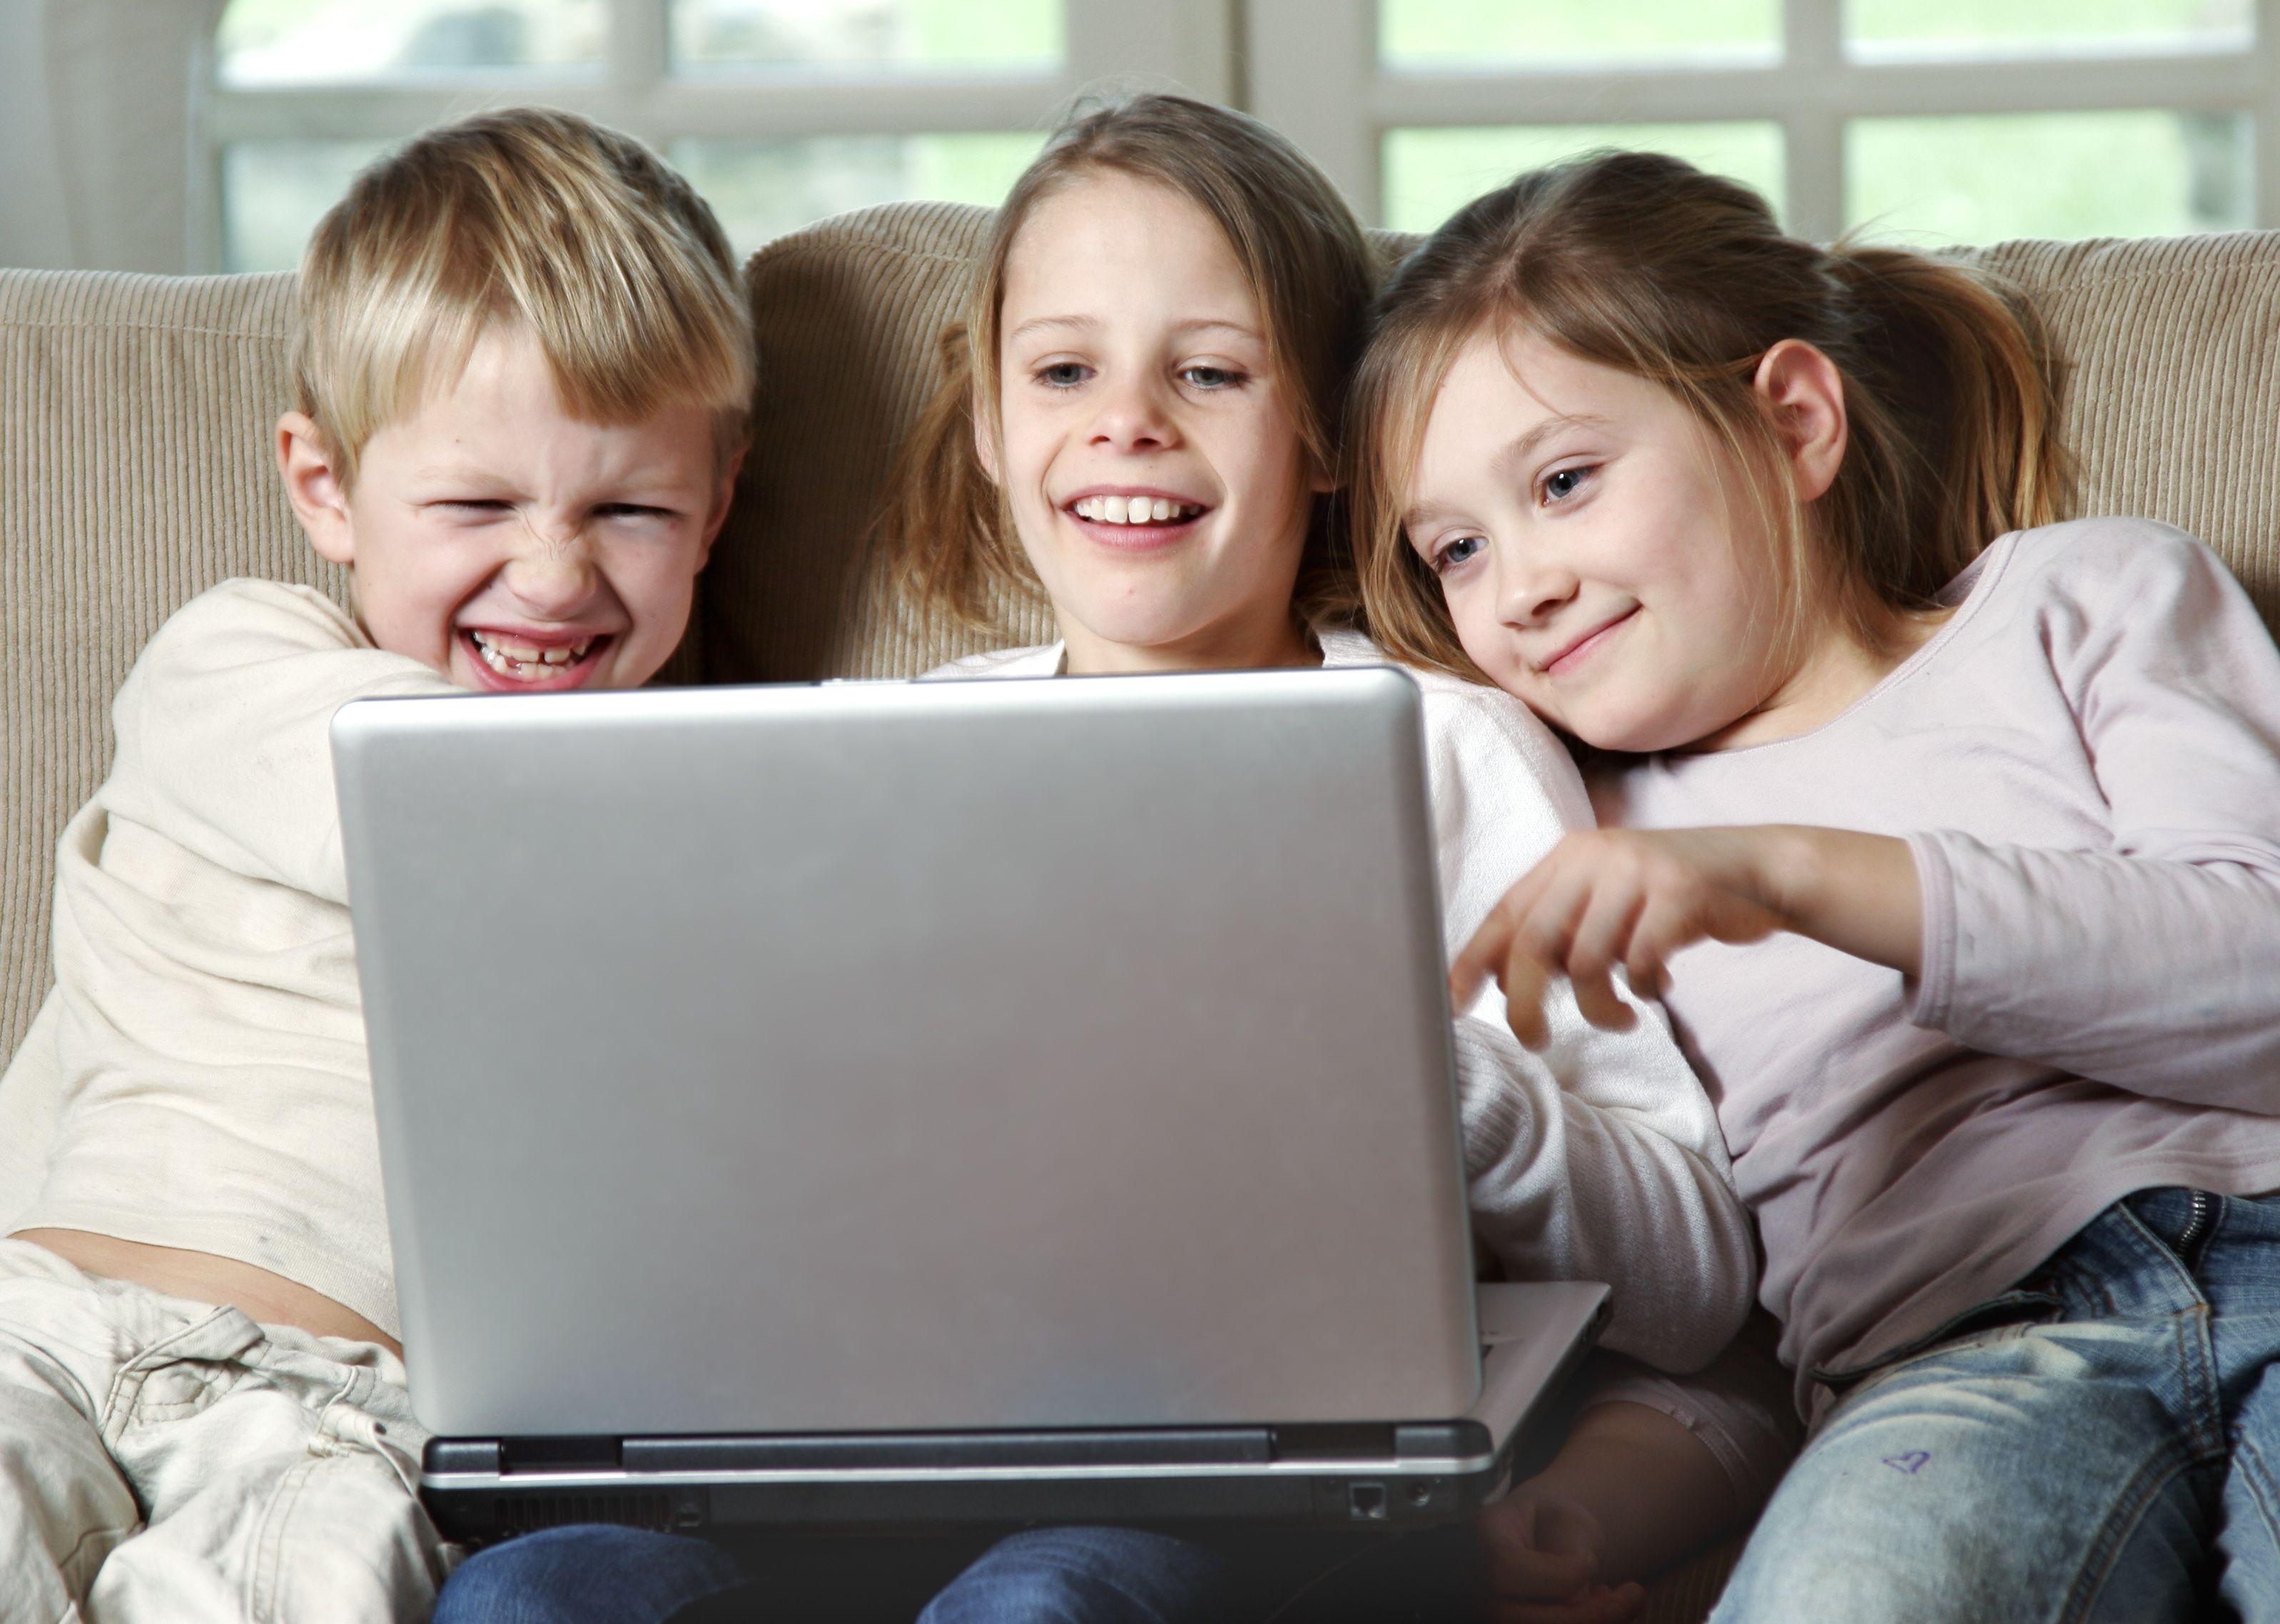 ¿Qué regalo prefieren y qué es los que reciben los chicos en el Día del Niño?